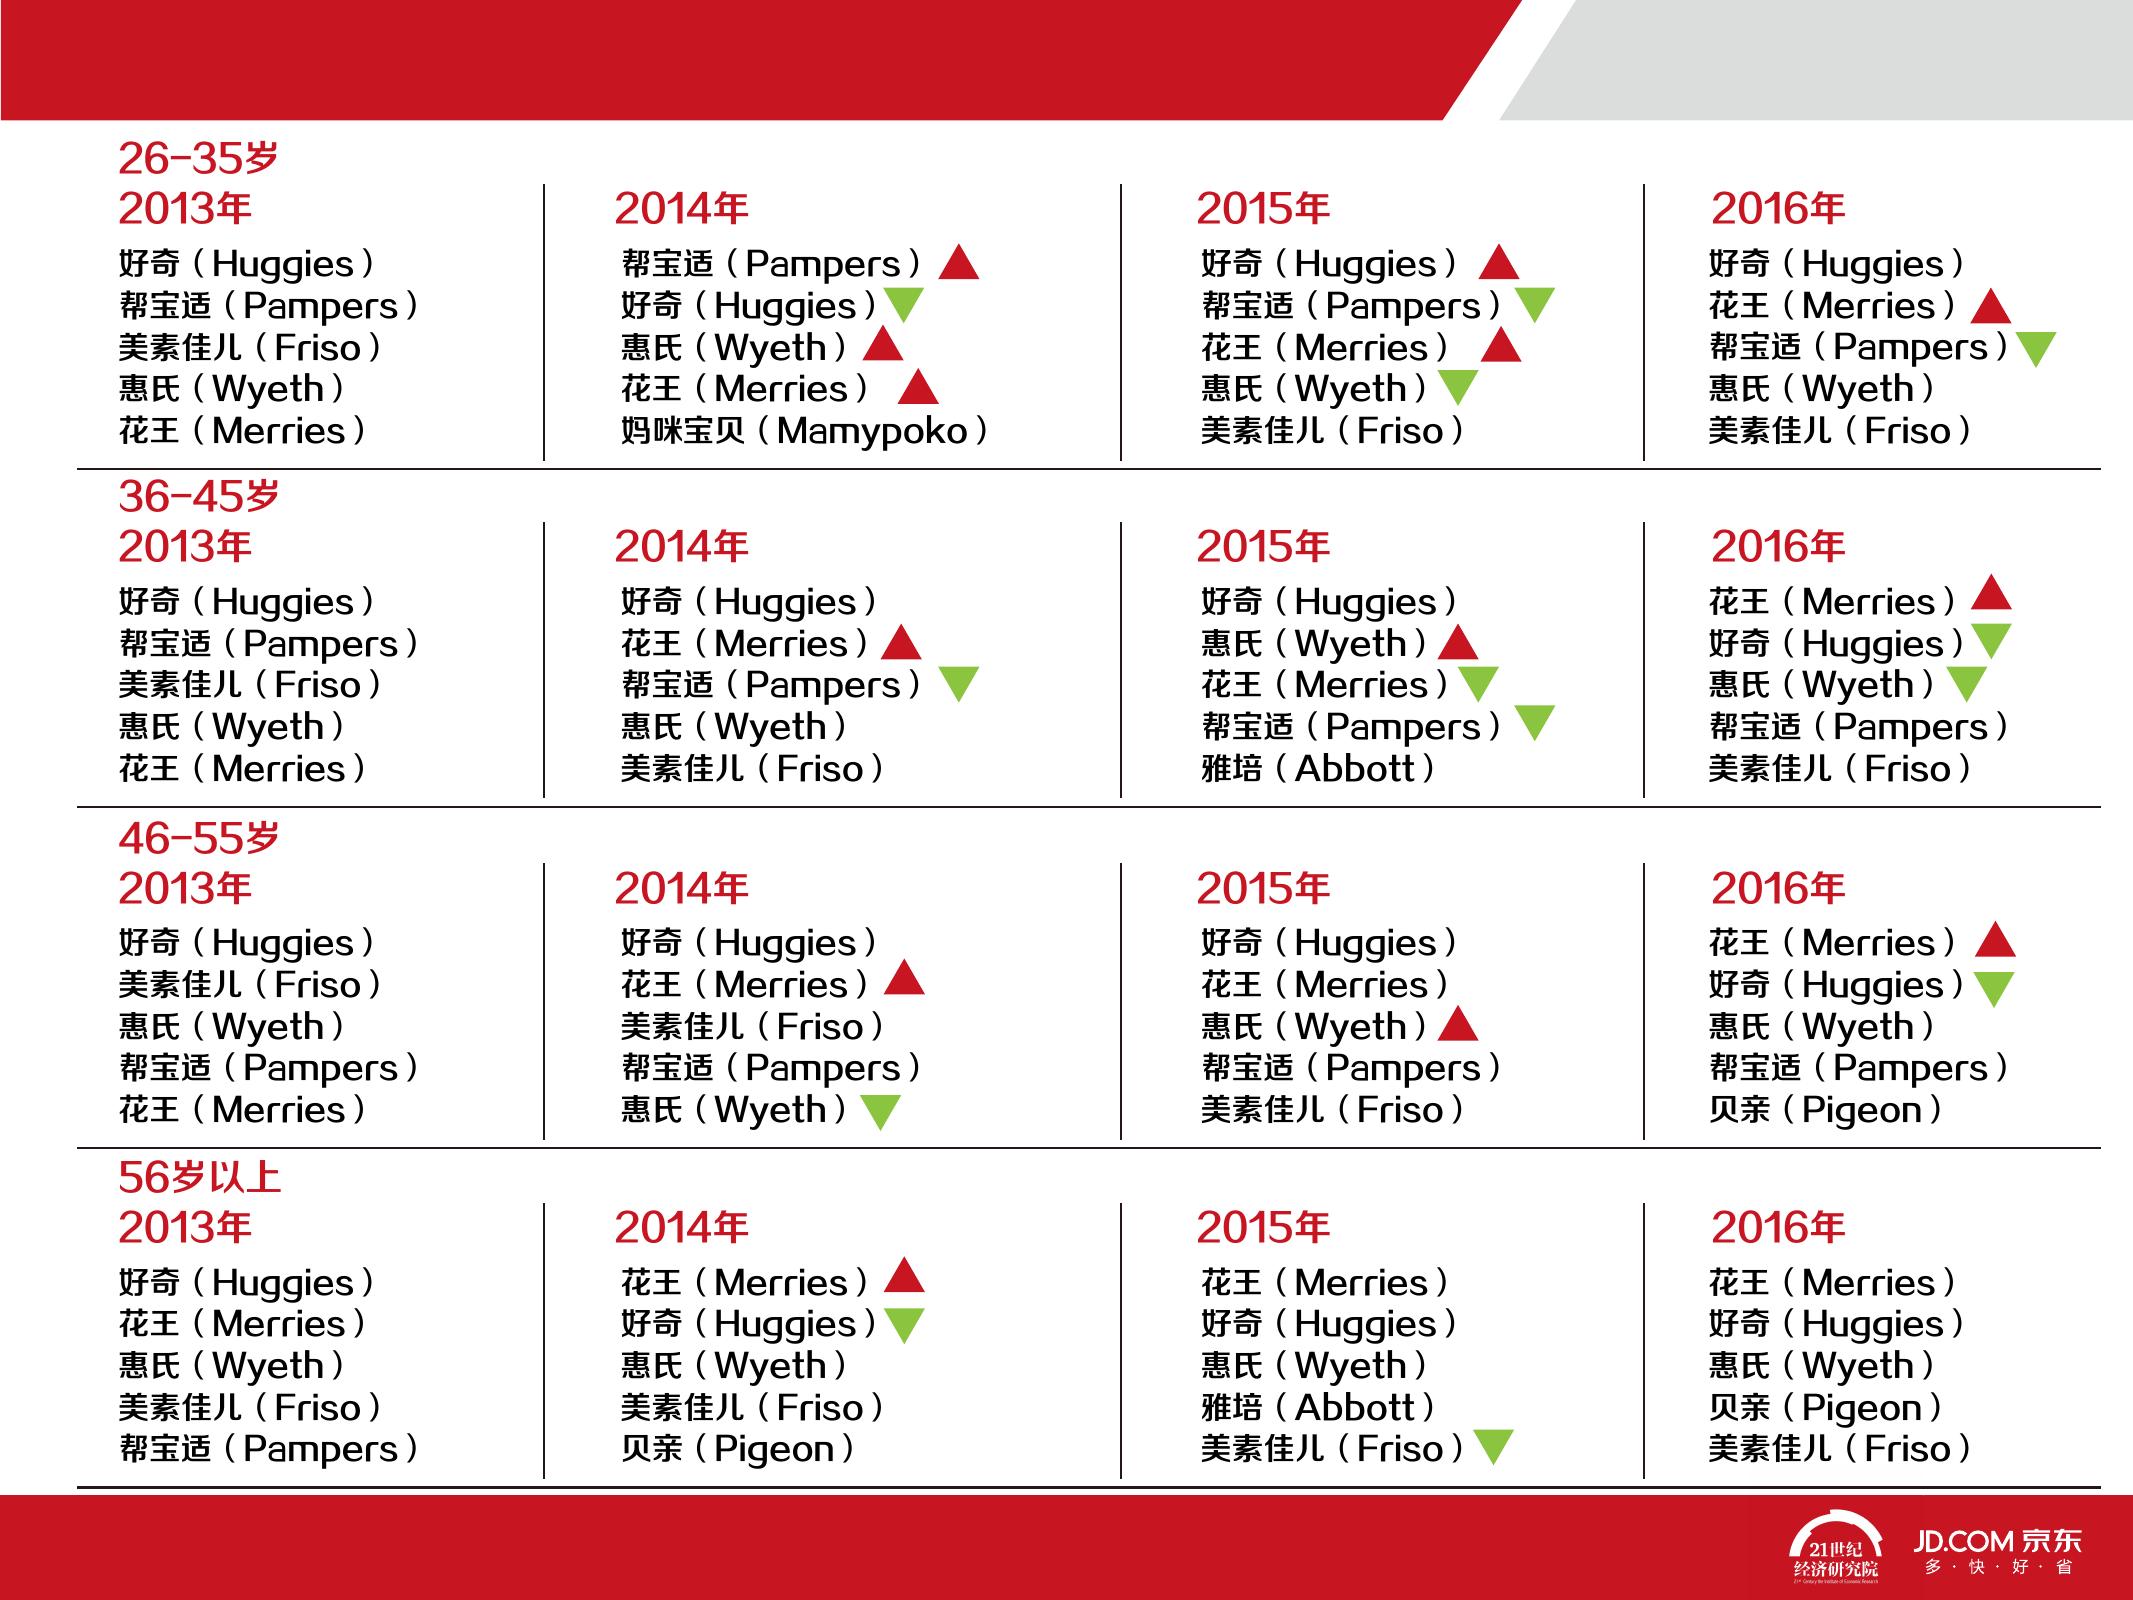 2016中国母婴产品消费趋势报告_000028